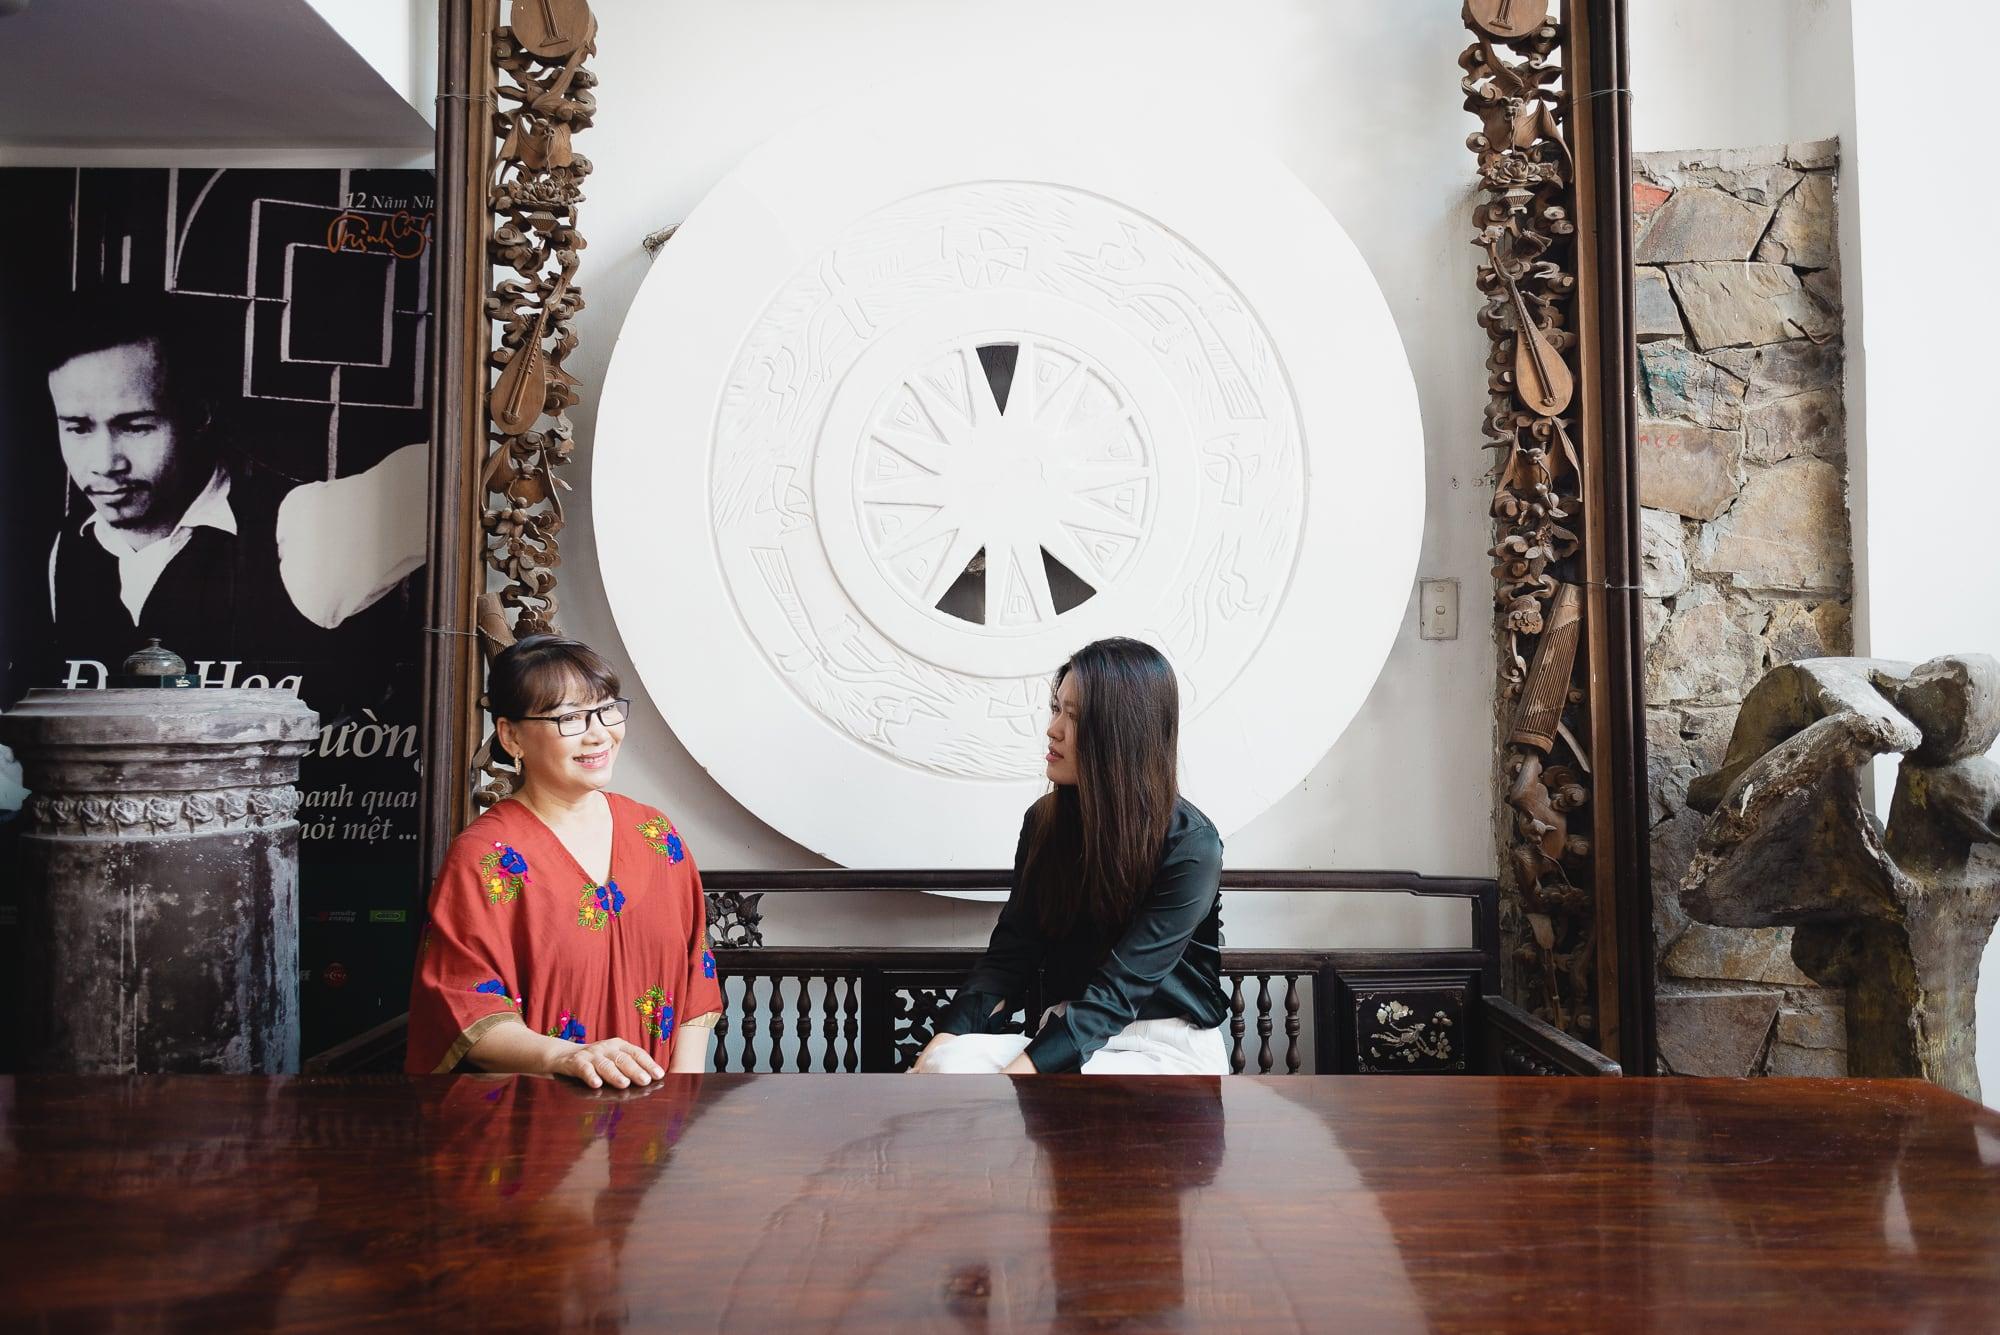 Di sản Trịnh Công Sơn và cuộc chuyển giao cho thế hệ trẻ